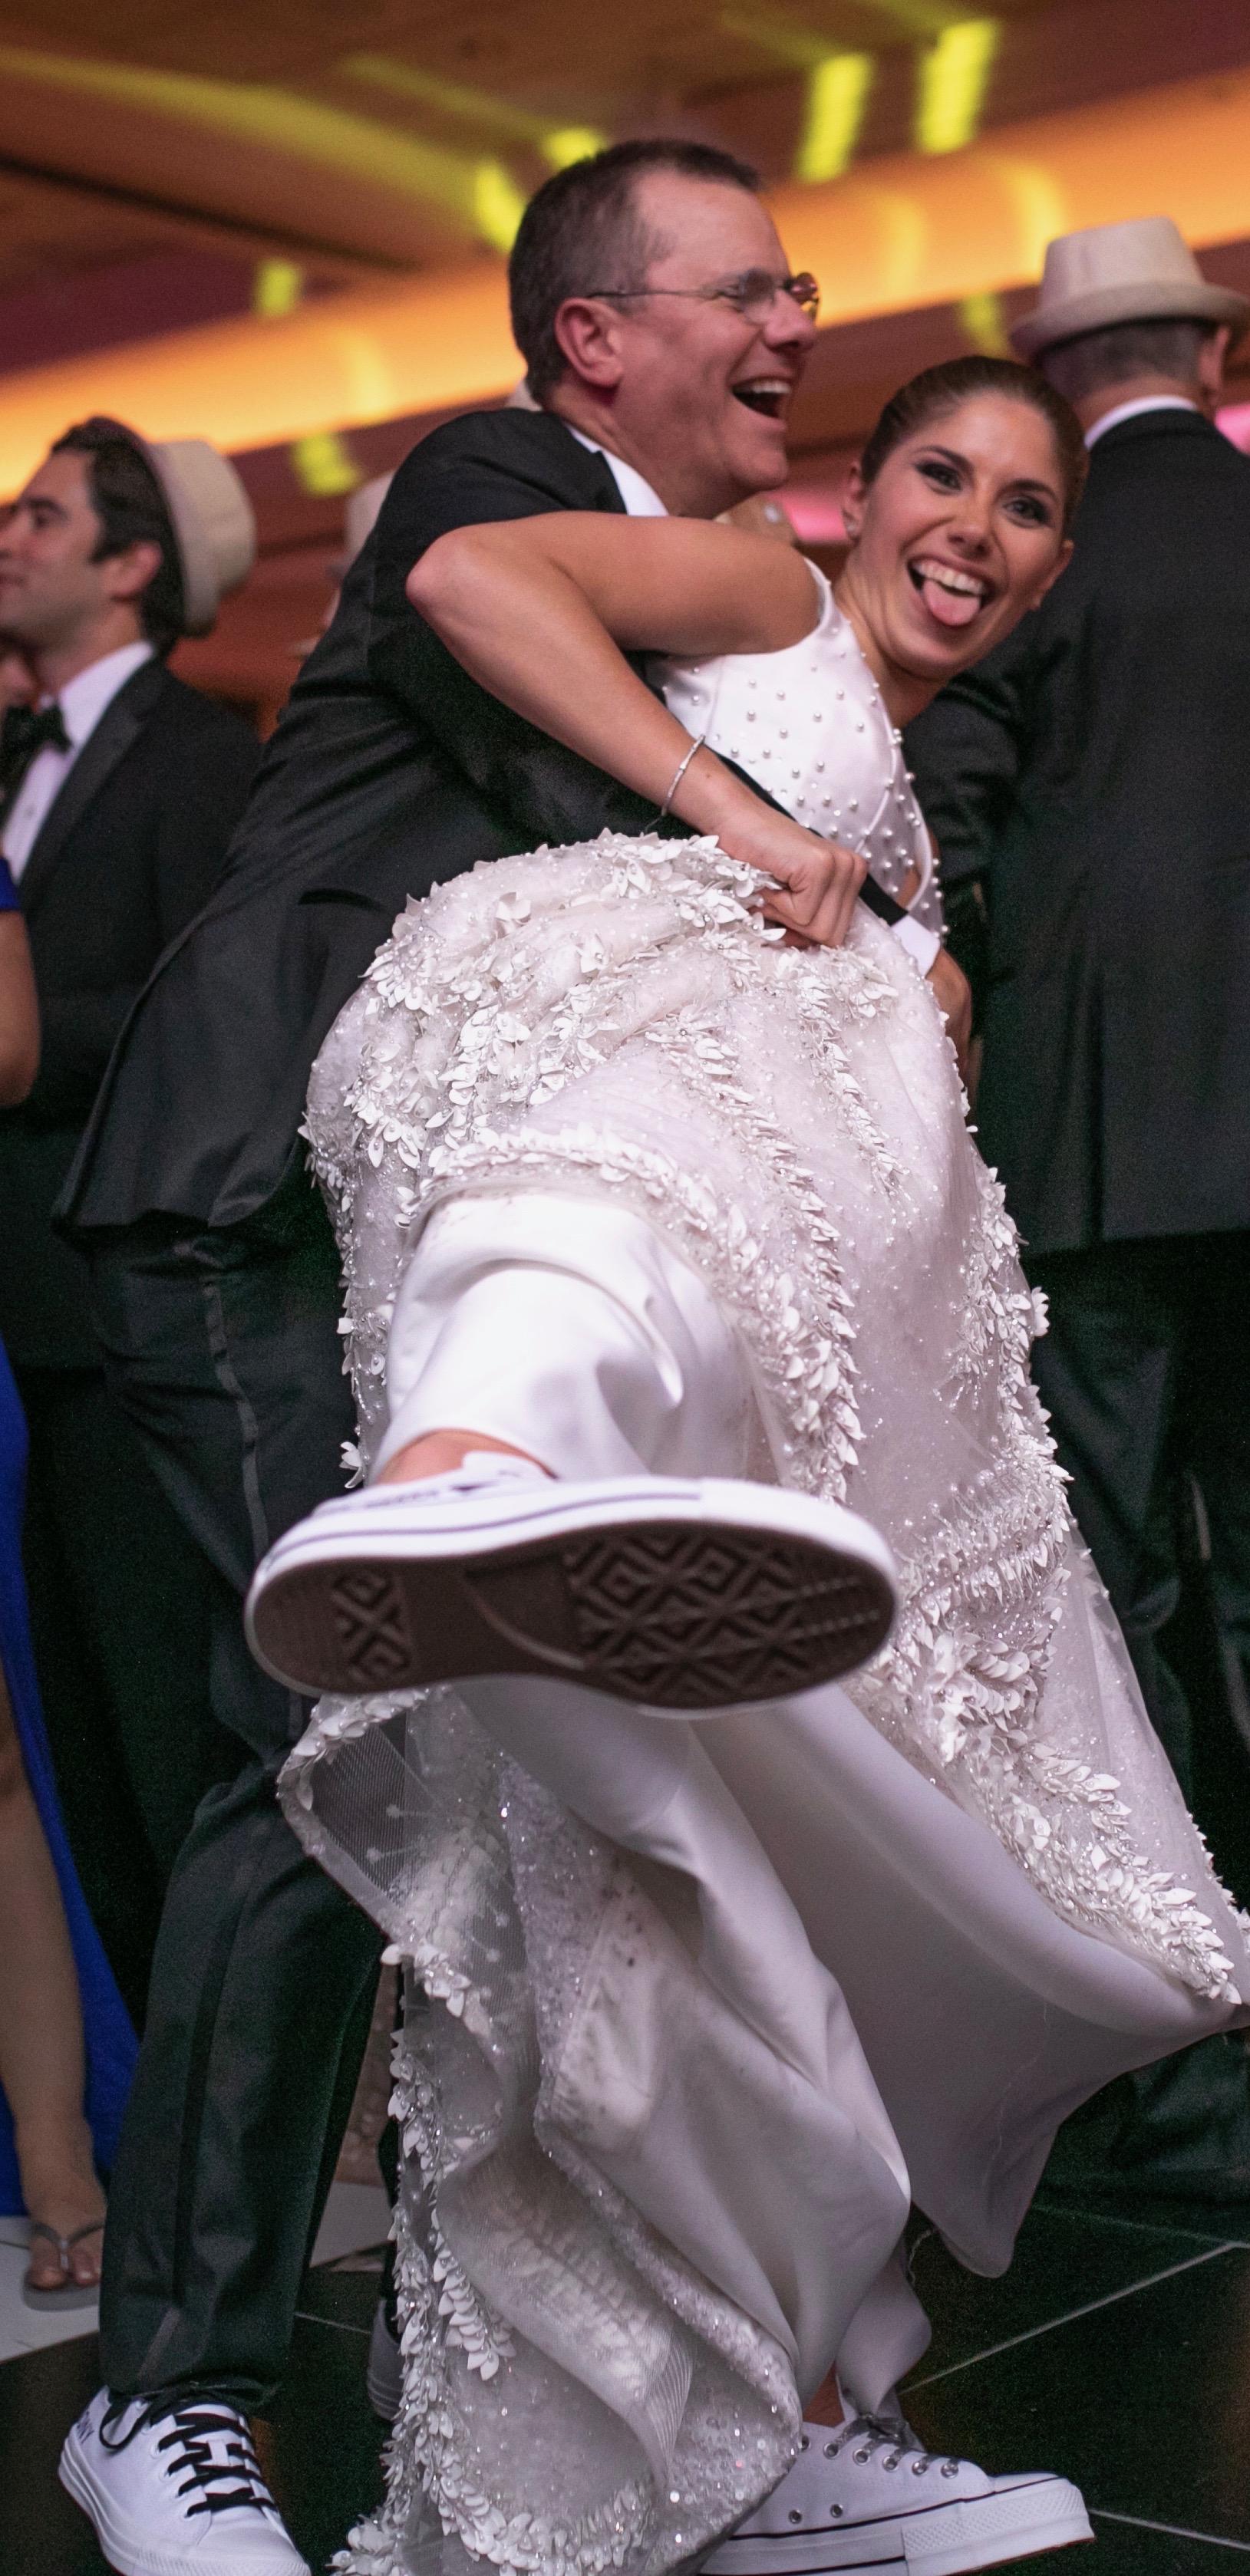 """Antonio  """"Tony"""" Casellas y su hija Marivioli Casellas, ya en calzado deportivo para disfrutar de la fiesta.La música en vivo fue de la Orquesta Cuenta Regresiva ALL STAR. Fotografía Wilo Rosado"""